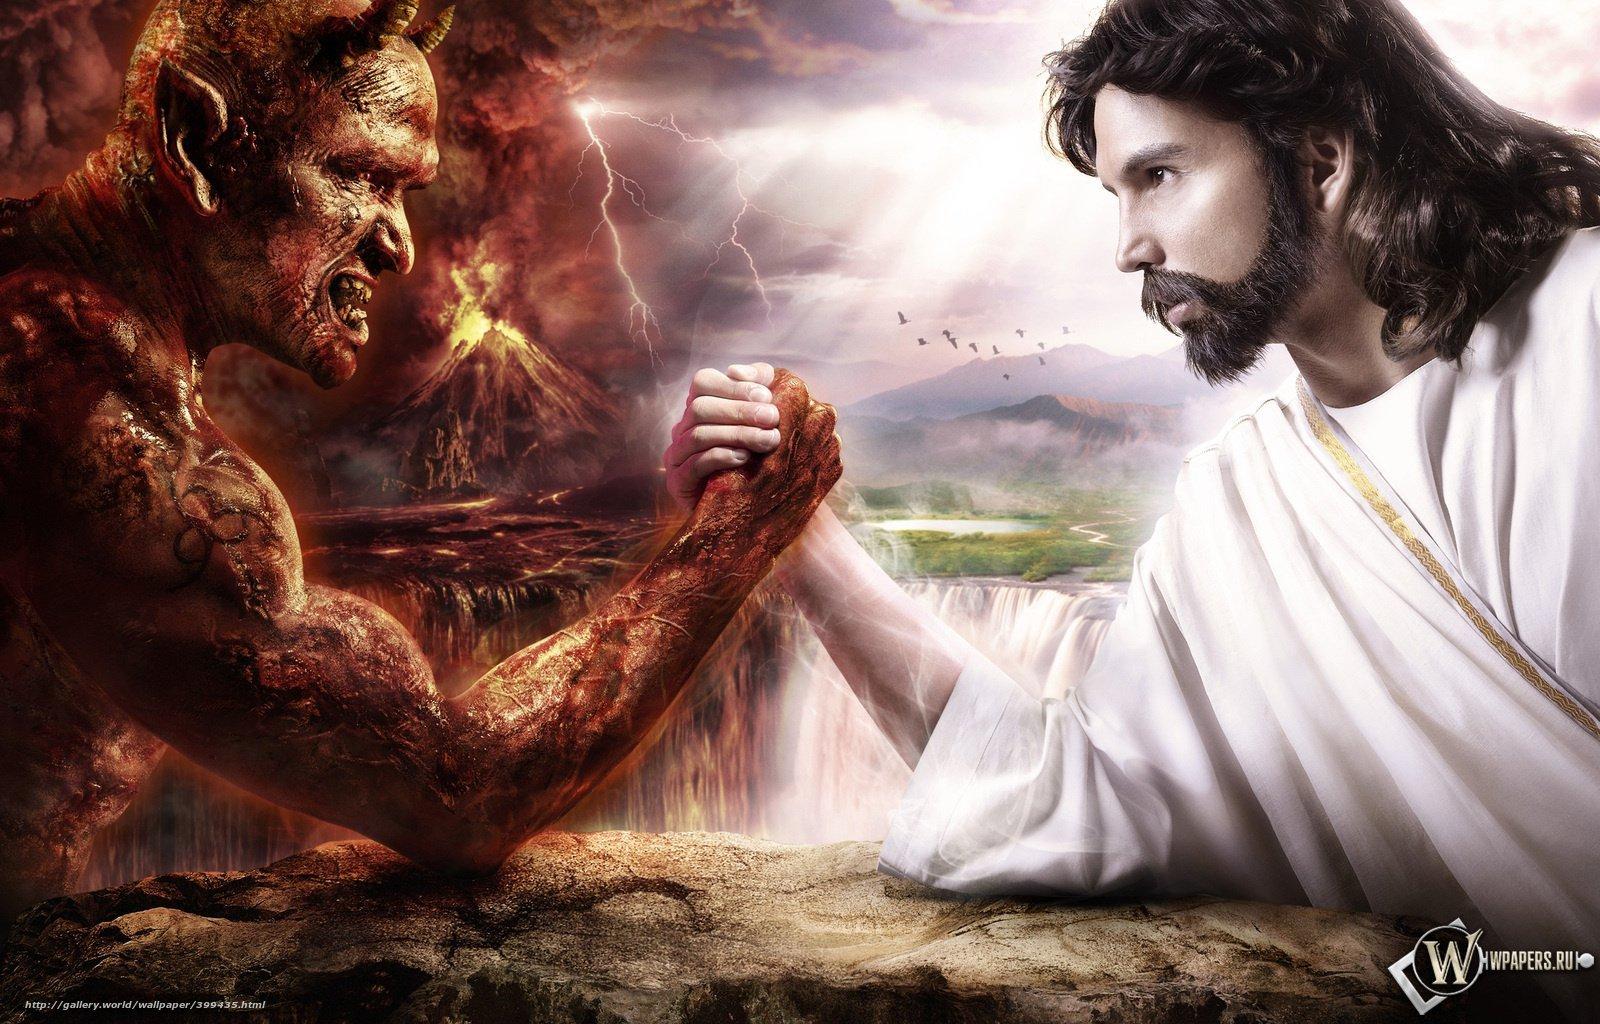 壁紙をダウンロード 悪魔,  神,  鬼,  エンジェル デスクトップの解像度のための無料壁紙 1600x1024 — 絵 №399435